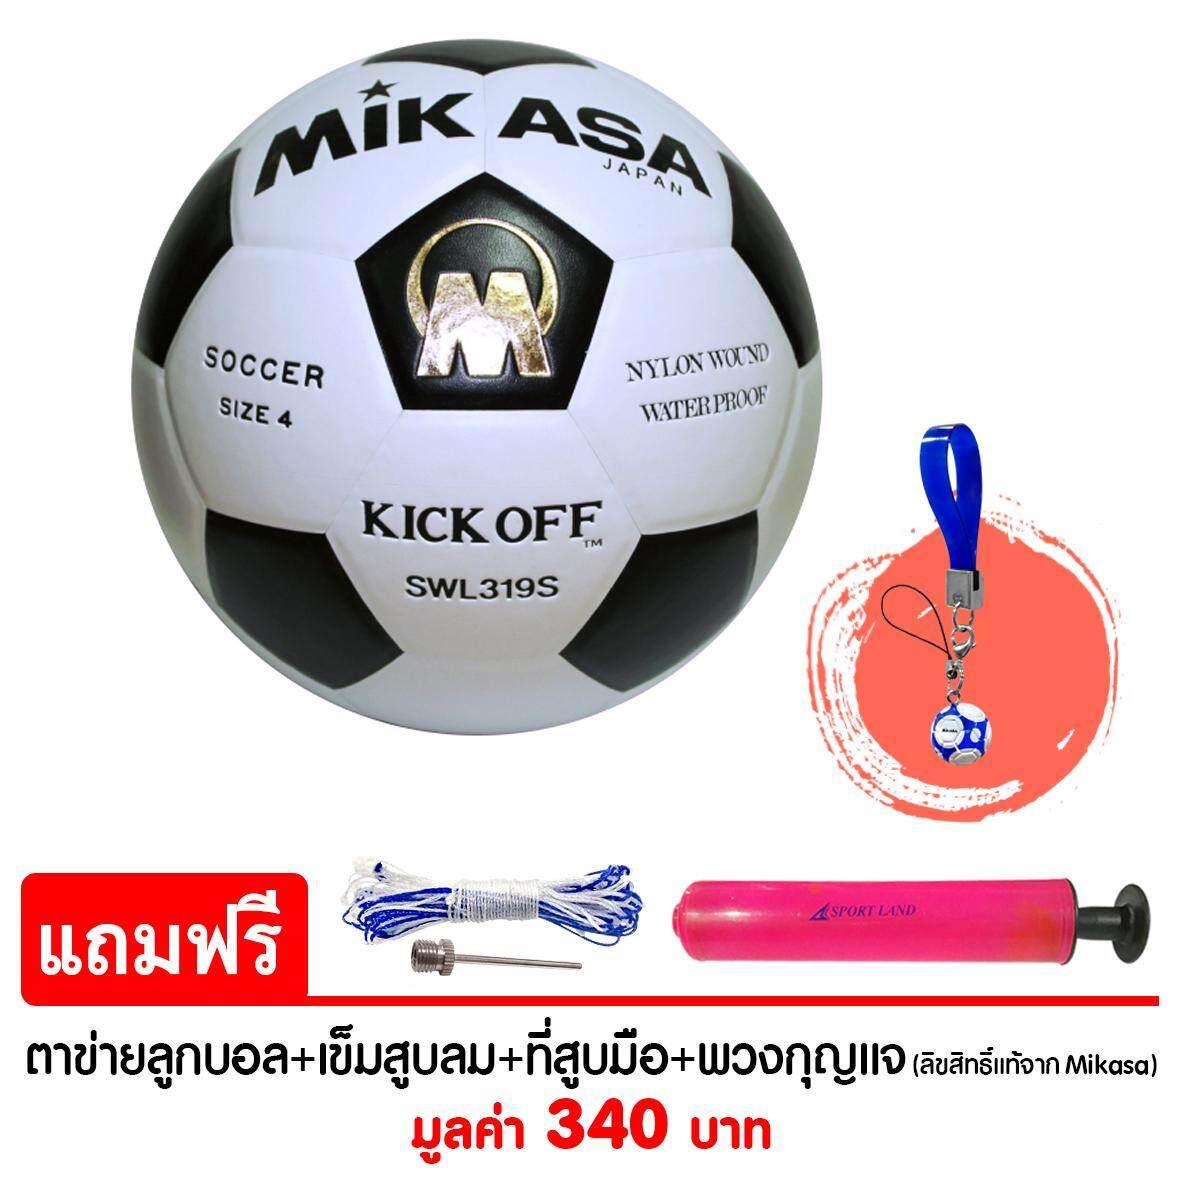 การใช้งาน  กาฬสินธุ์ MIKASA ฟุตบอล Football MKS PVC SWL319S - White/Black แถมฟรี ตาข่ายใส่ลูกบอล + เข็มสูบสูบลม + สูบมือ SPL รุ่น SL6 สีชมพู + พวงกุญแจ